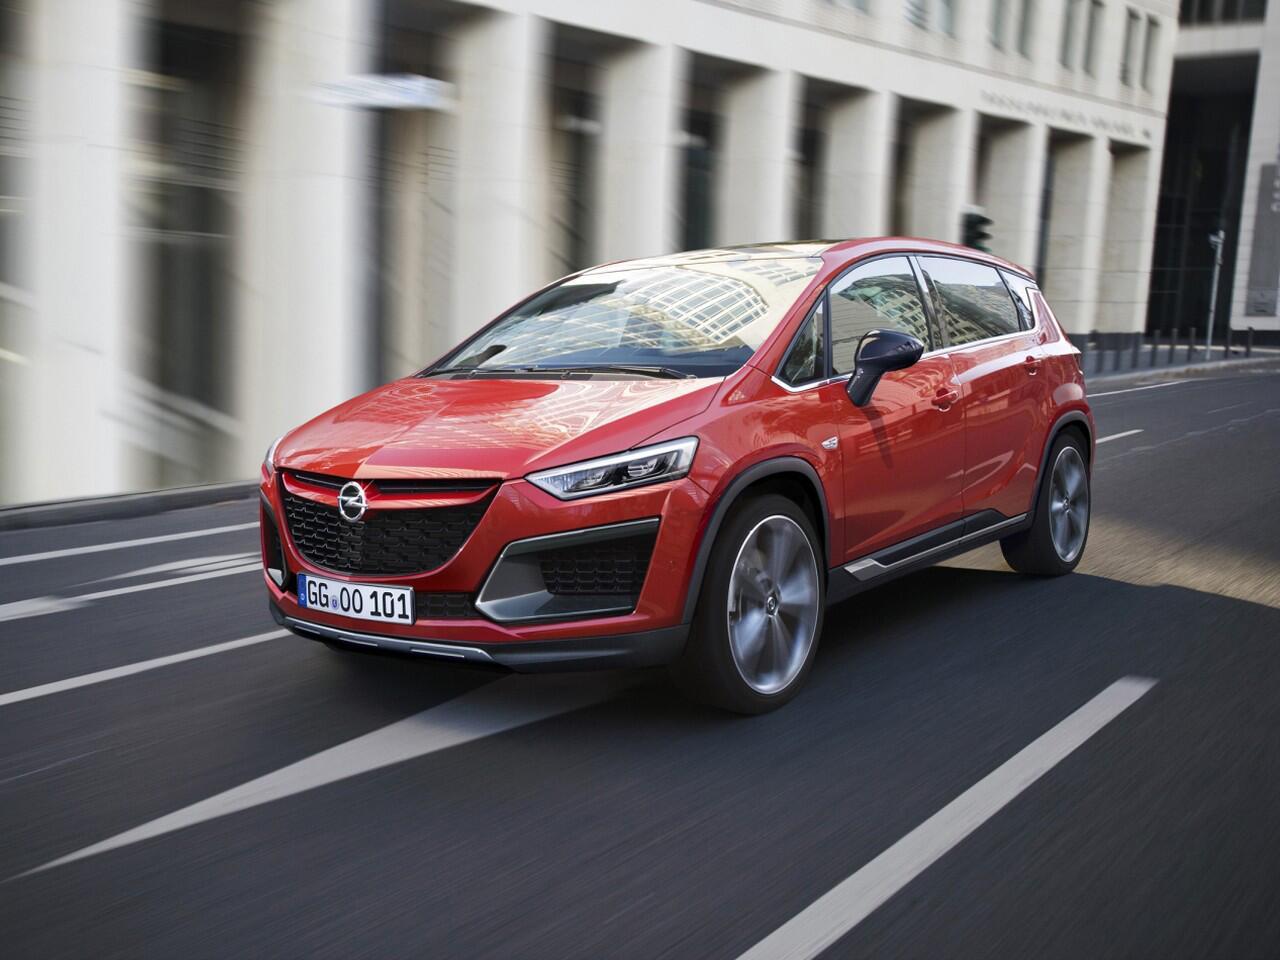 Bild zu Opel Activa: Crossover aus Van und SUV